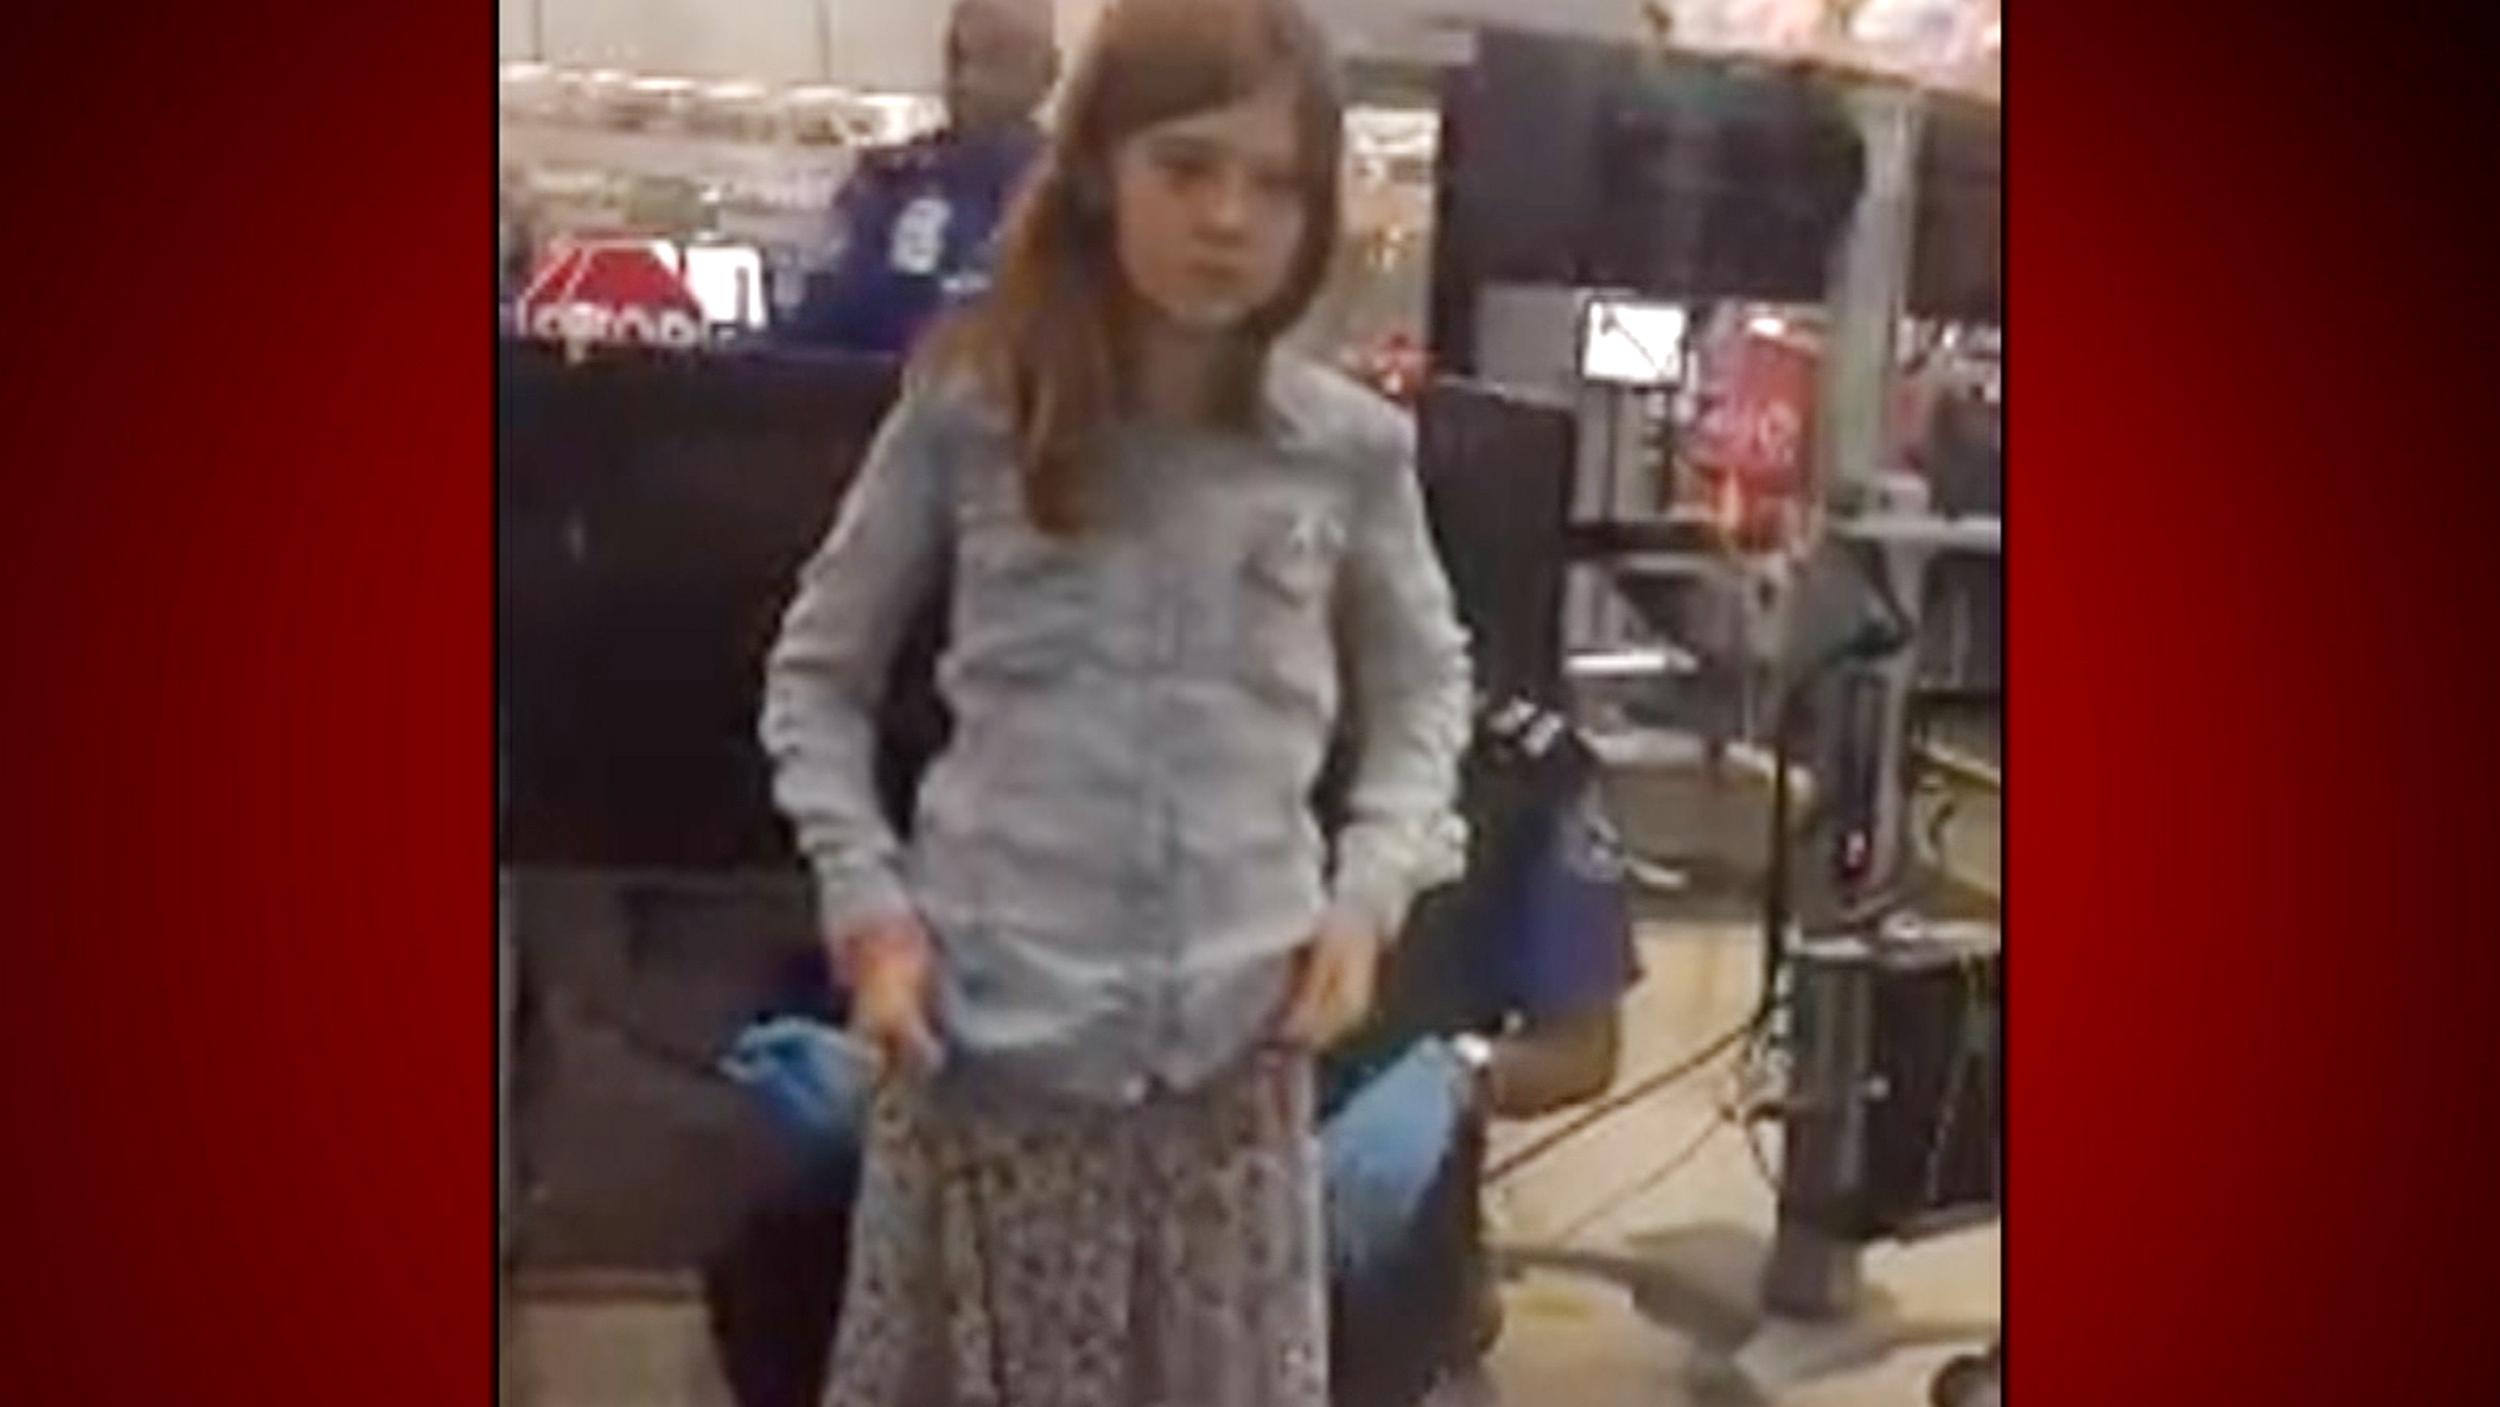 Family upset over TSA pat down of 10-year-old girl at